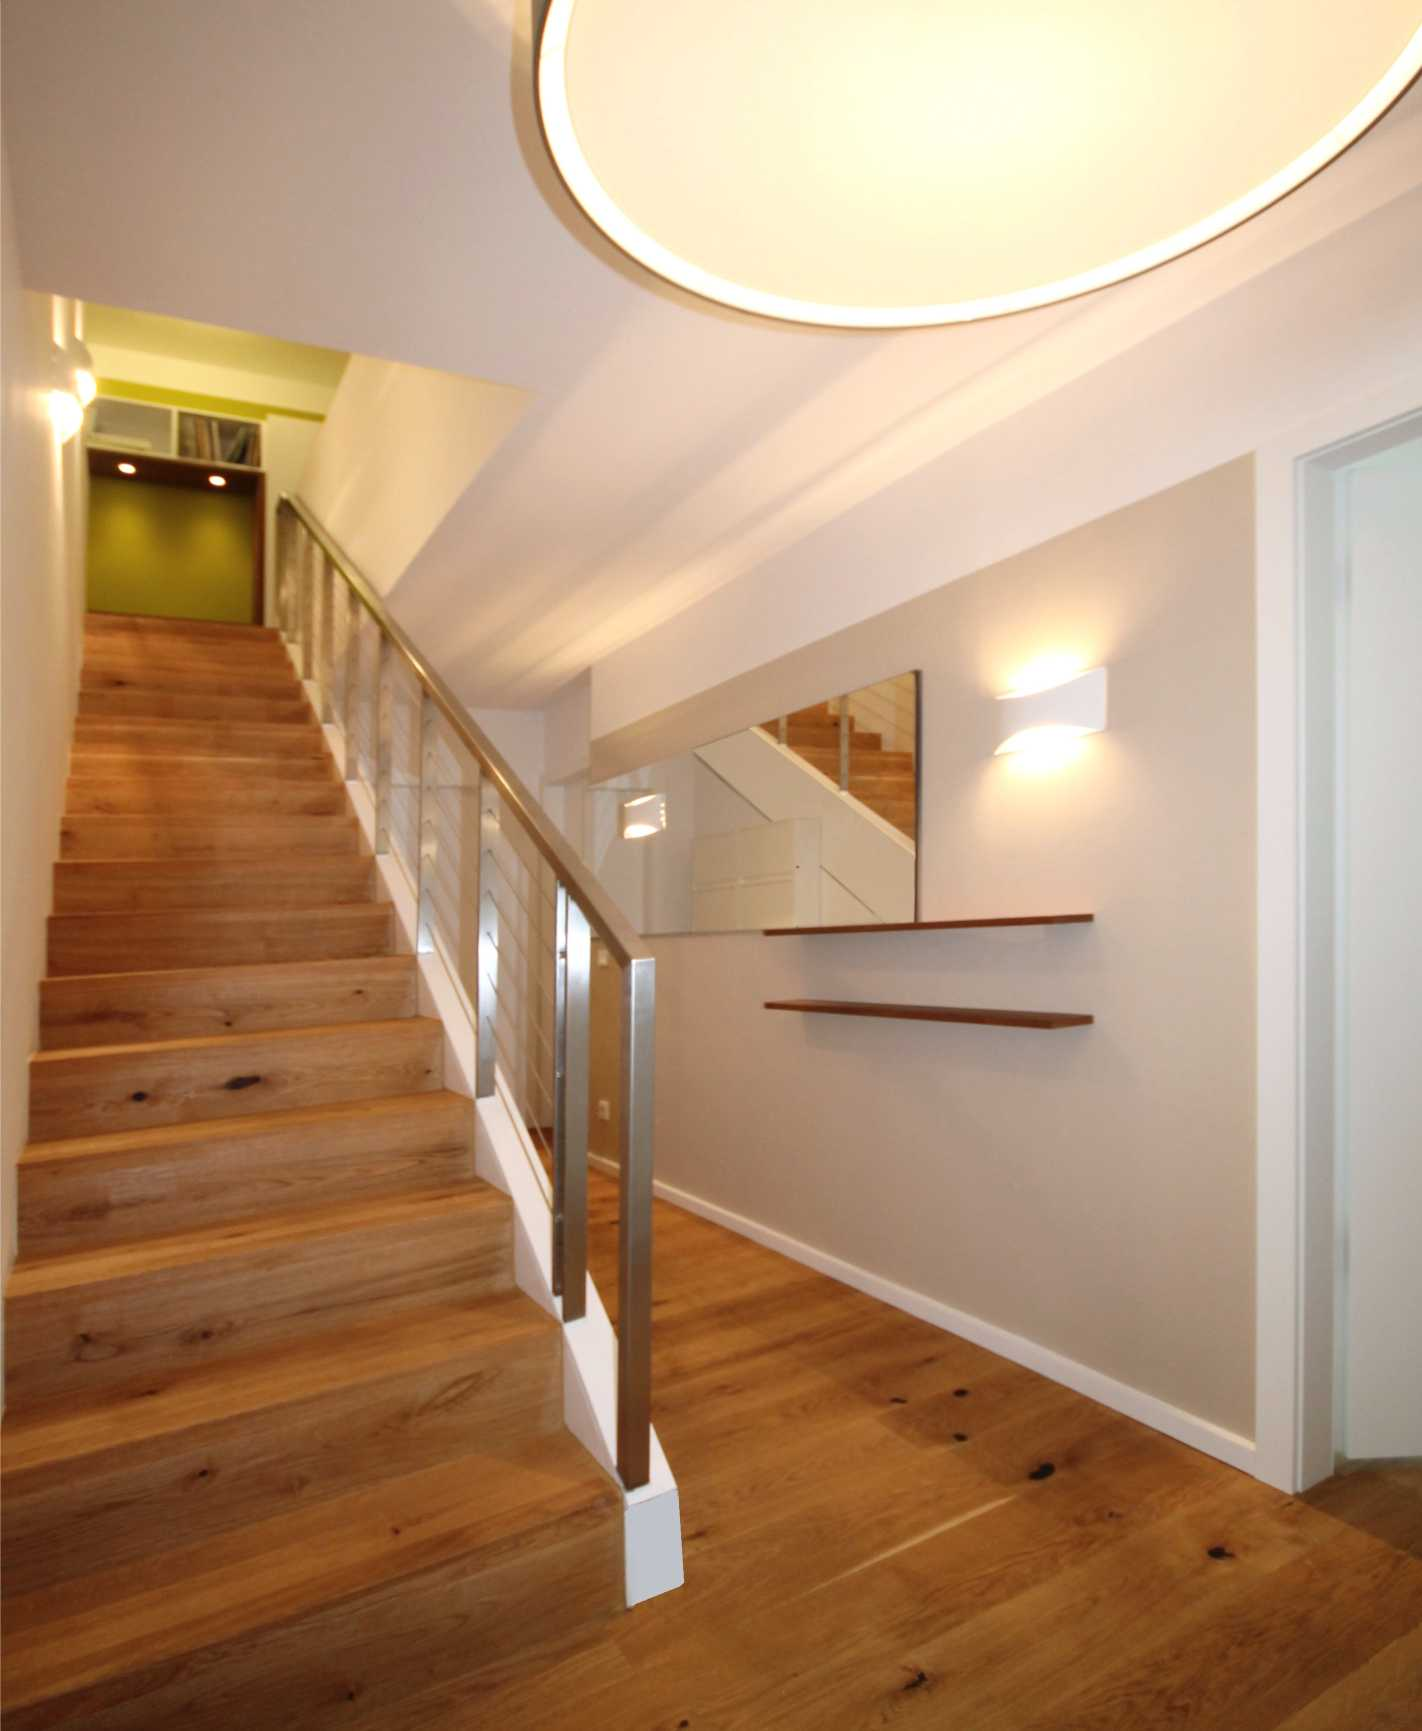 Treppenhaus grundriss 3d  Treppe Wohnzimmer ~ Raum- und Möbeldesign-Inspiration